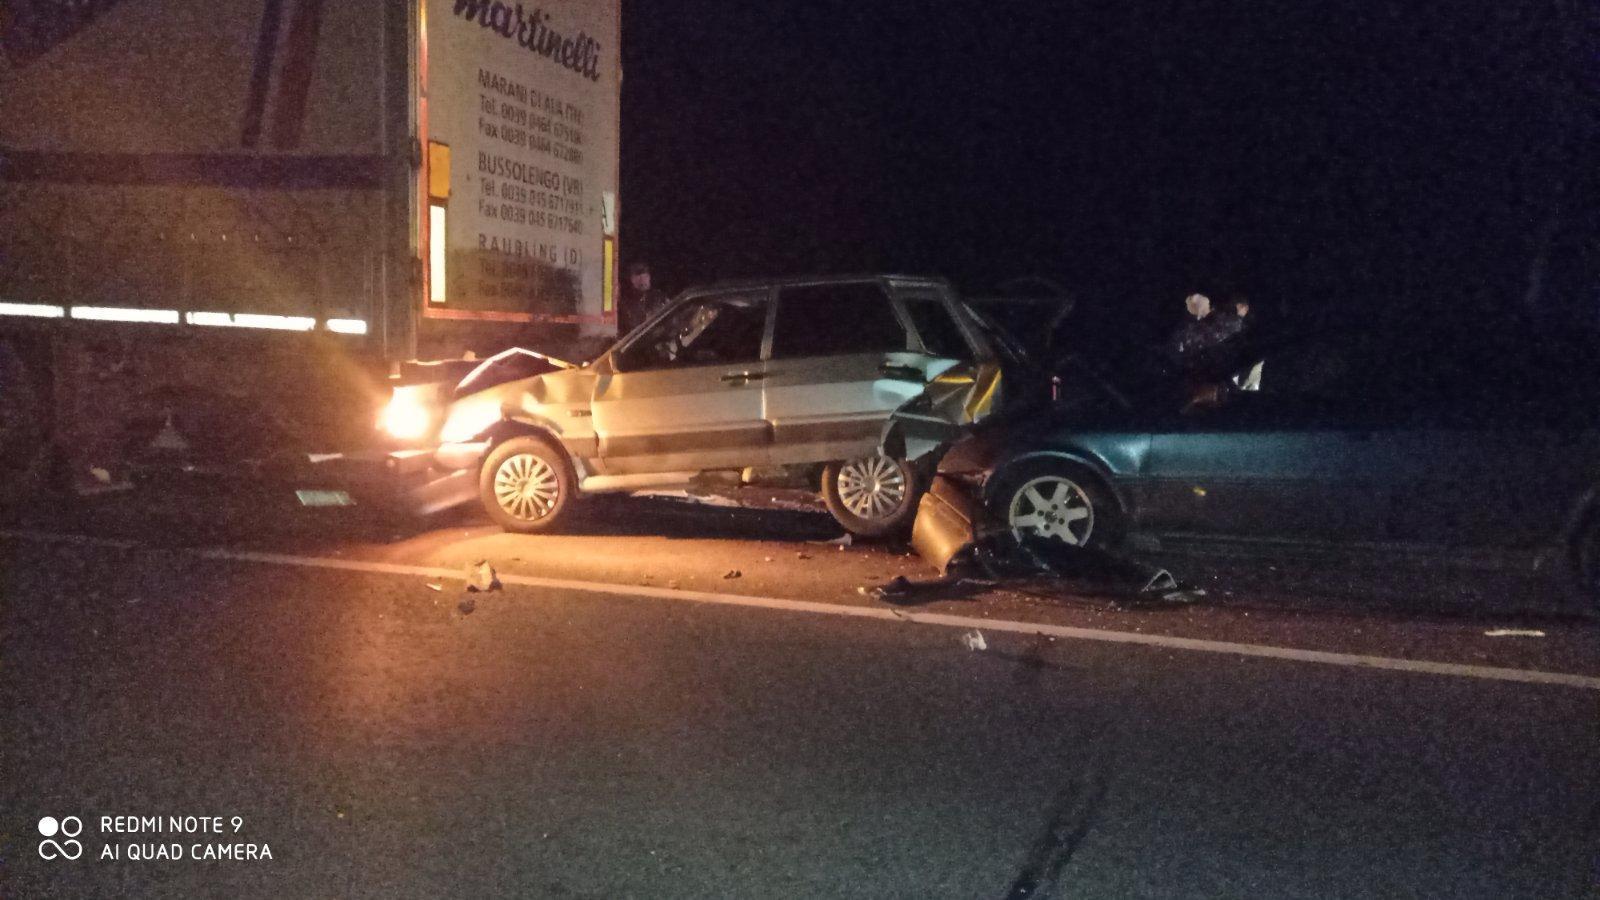 Из-за пьяного водителя без прав костромской подросток попал в больницу